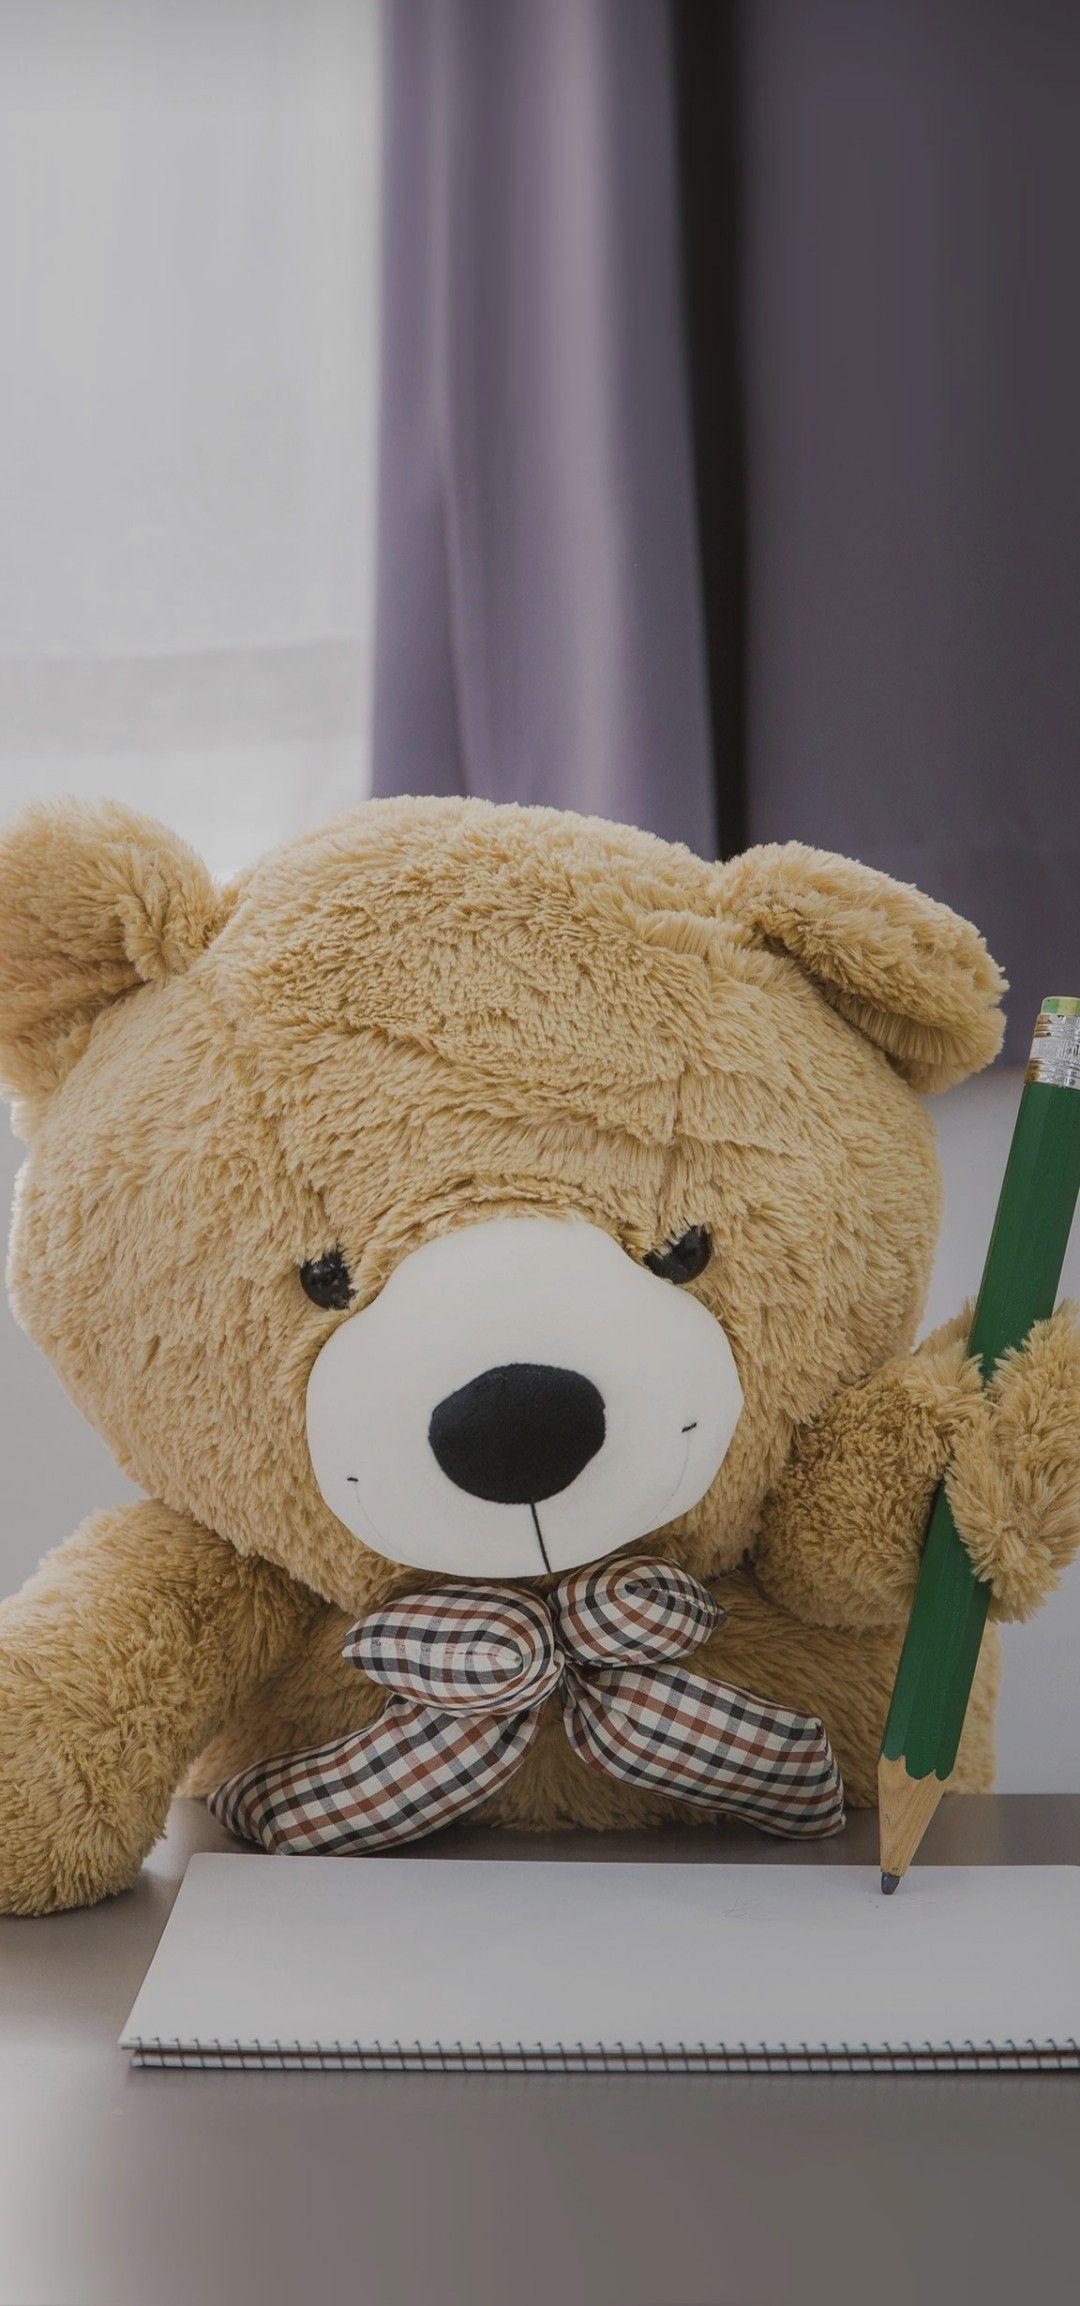 Pin By Sweta On Wallpapers Lockscreen Teddy Teddy Bear Bear